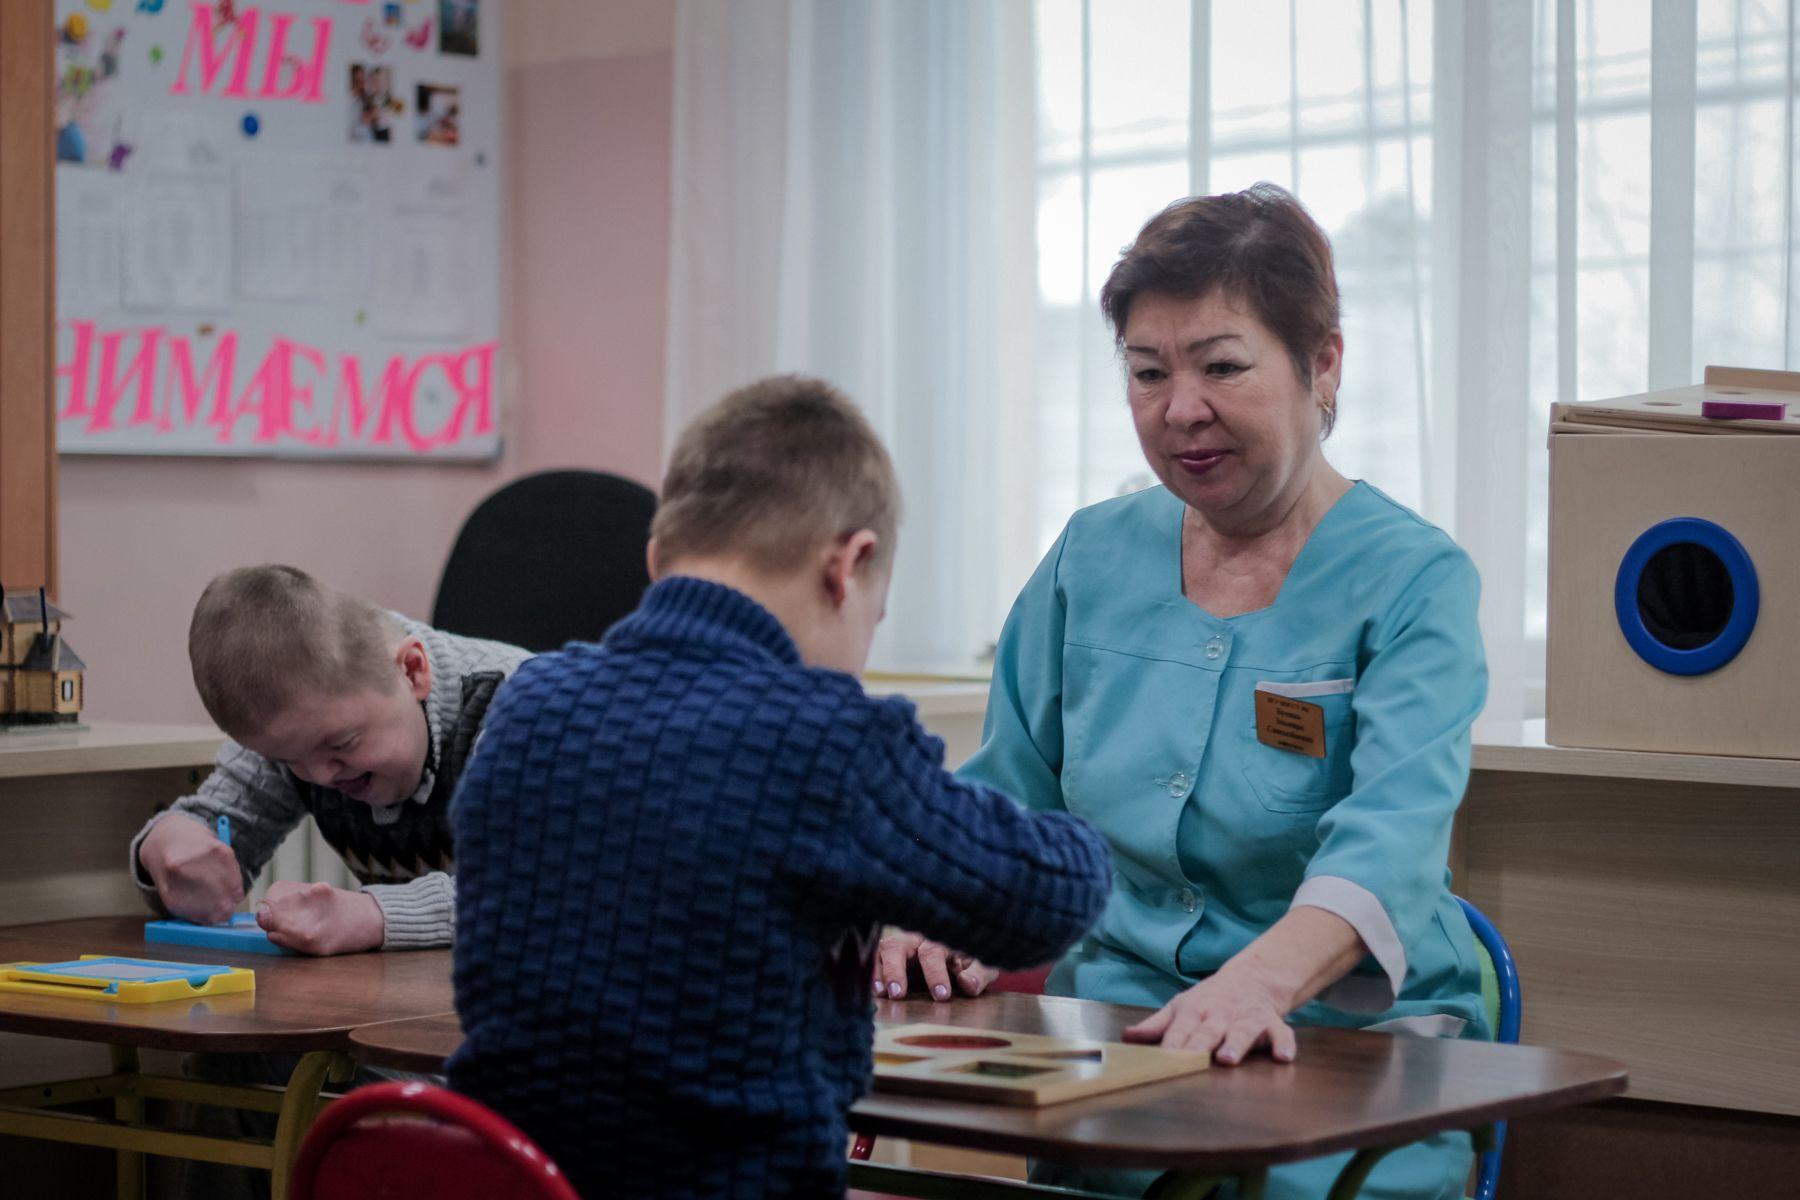 В Казахстане надо реформировать систему психолого-медико-педагогических консультаций людей с инвалидностью